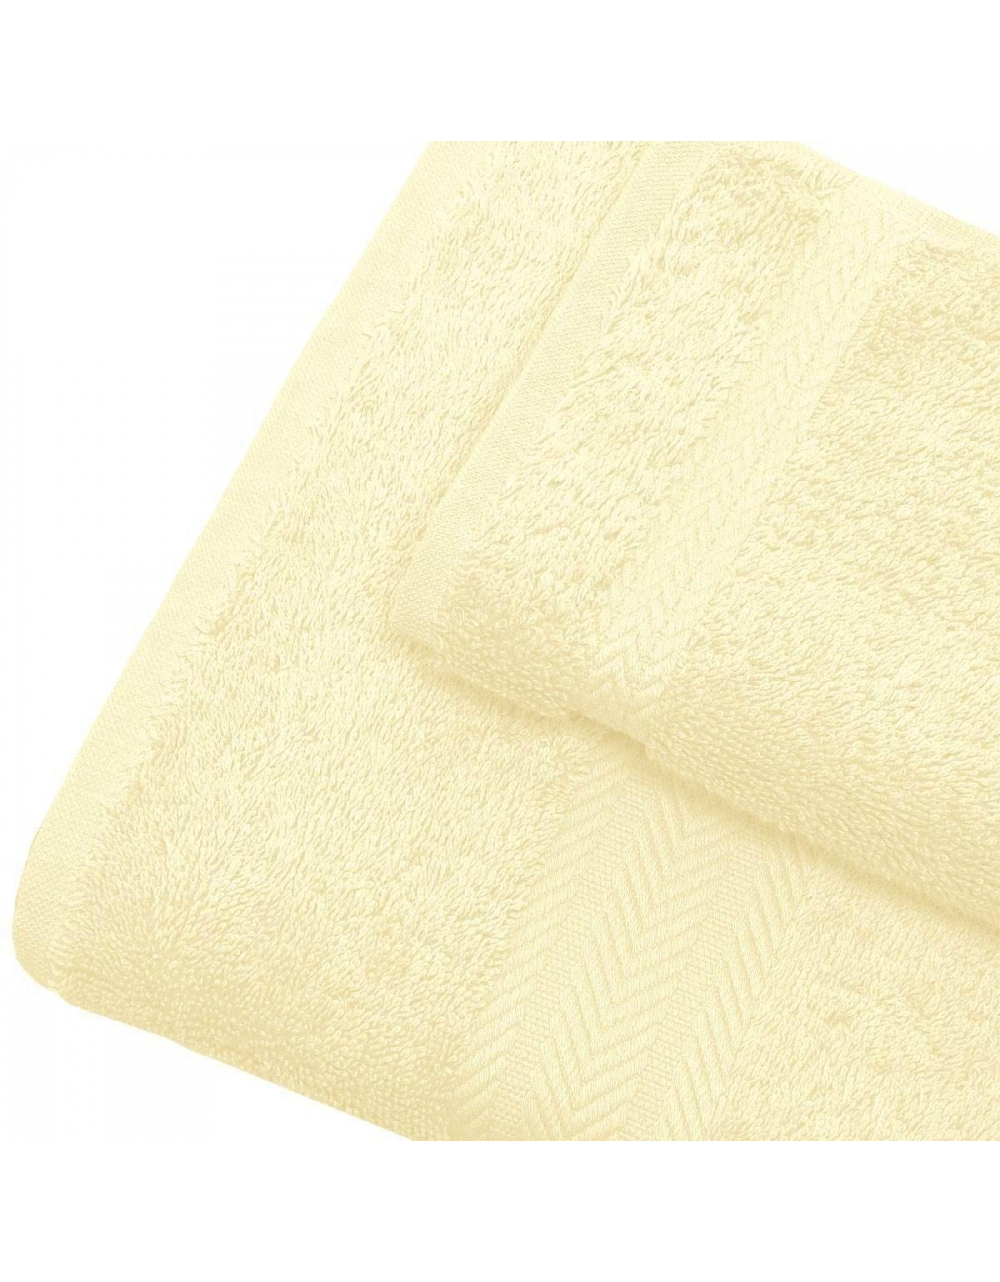 Linge de bain en coton 550gr/m² écru (Ecru)